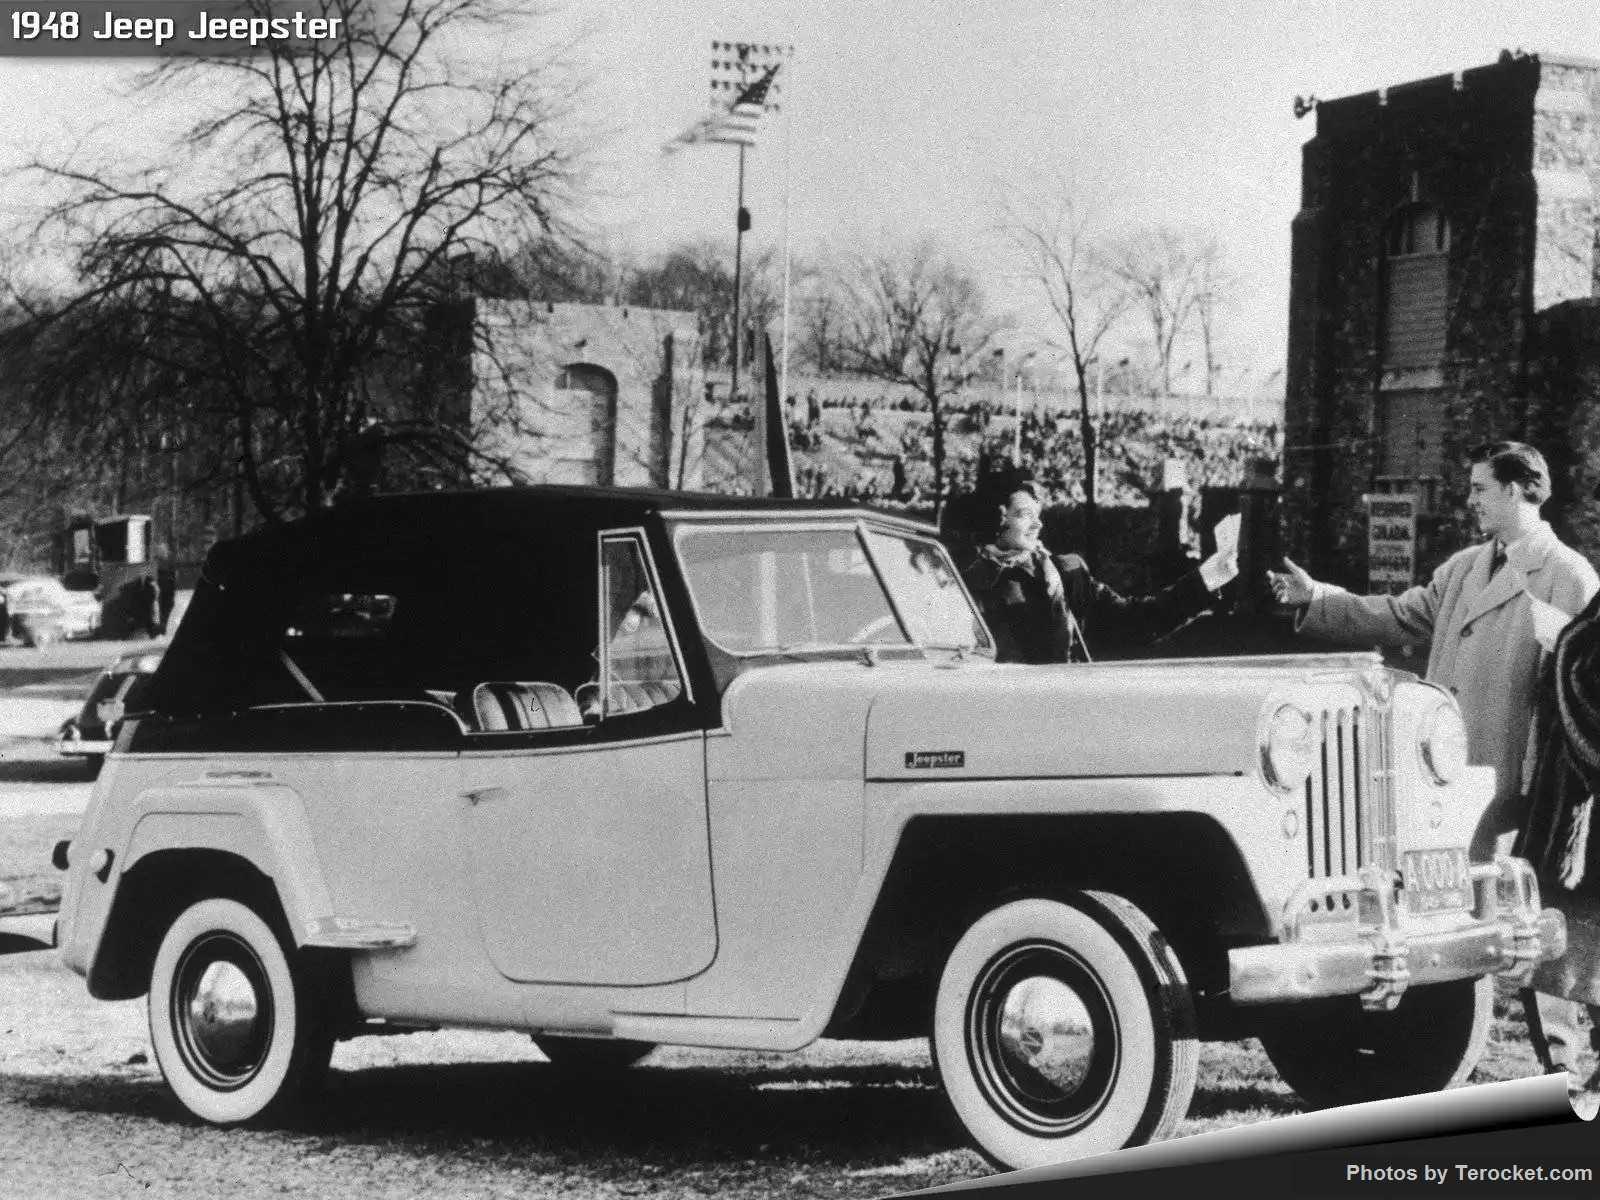 Hình ảnh xe ô tô Jeep Jeepster 1948 & nội ngoại thất